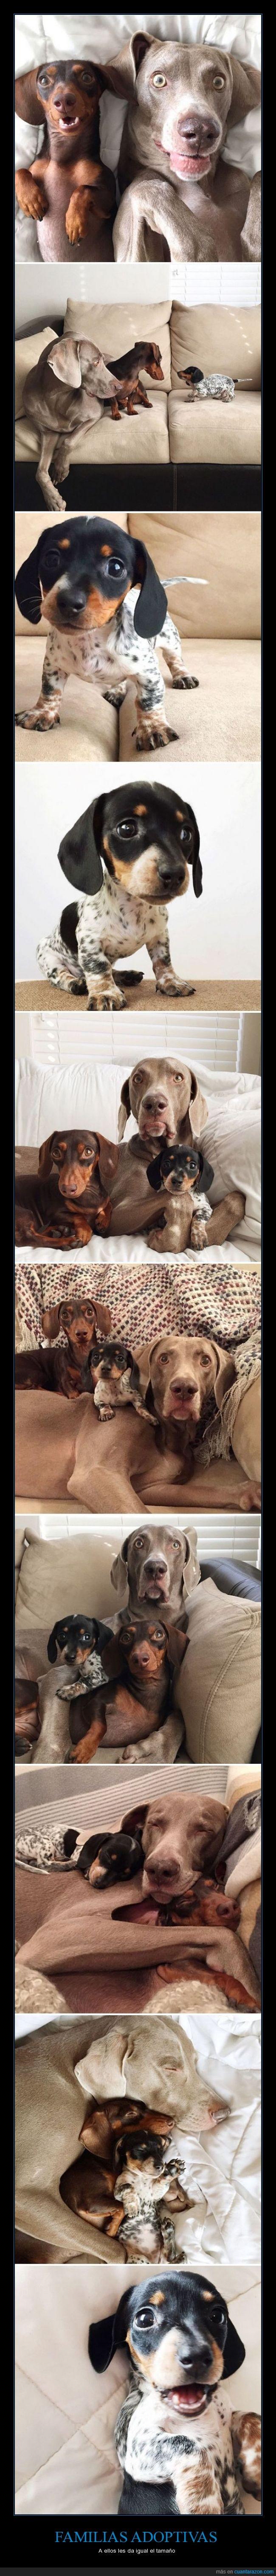 perros familias adoptivas